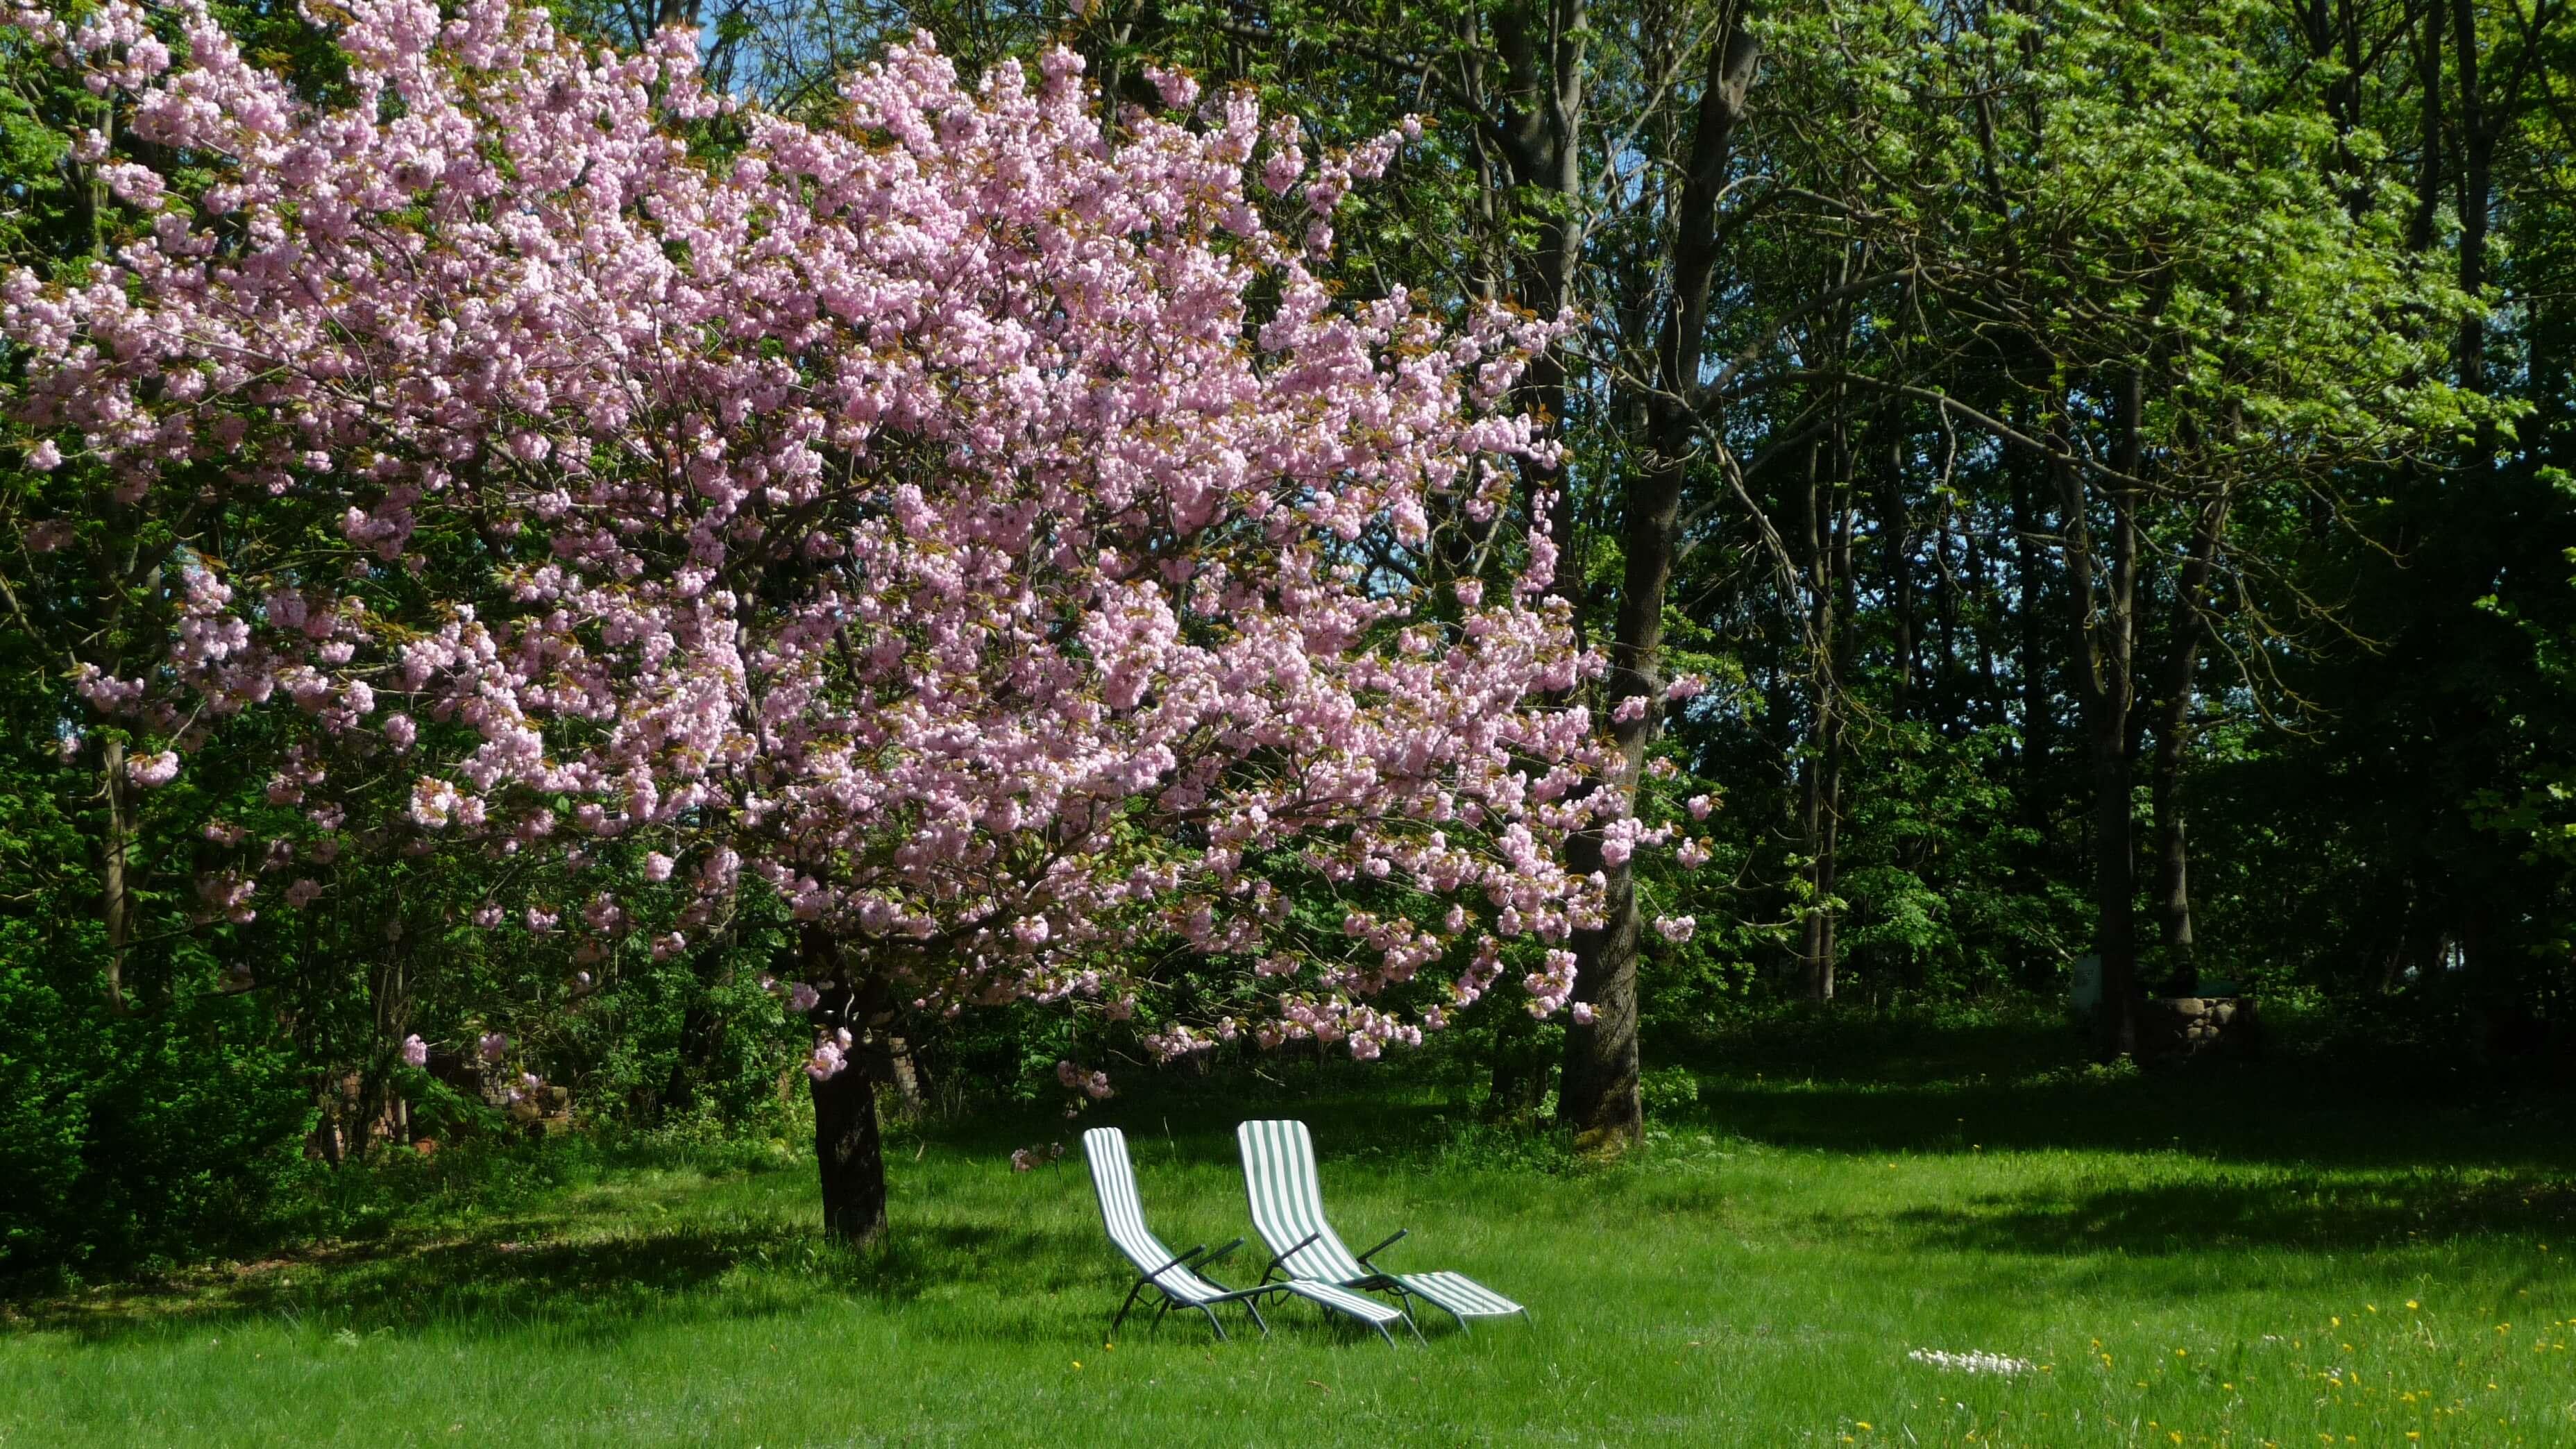 Liegewiese im Frühling. | Ferienwohnungen Müritz - Alte Ziegelei